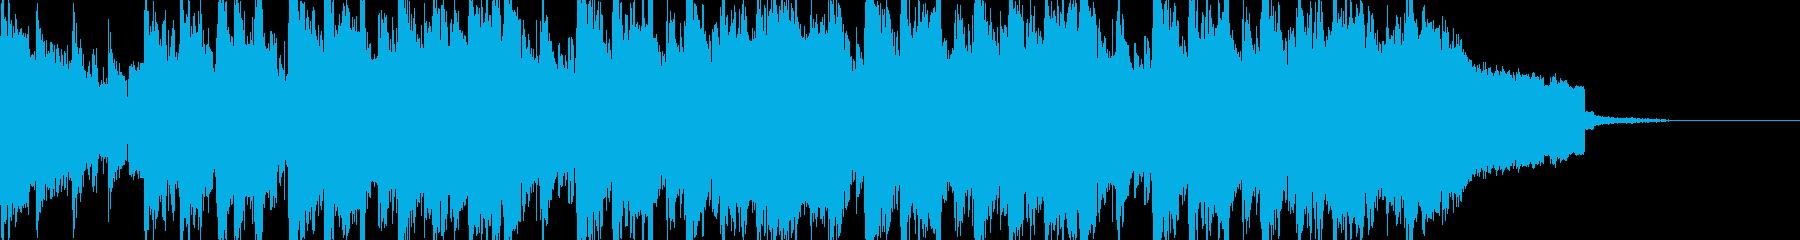 尺八、琴、和風、中華の疾走感の再生済みの波形